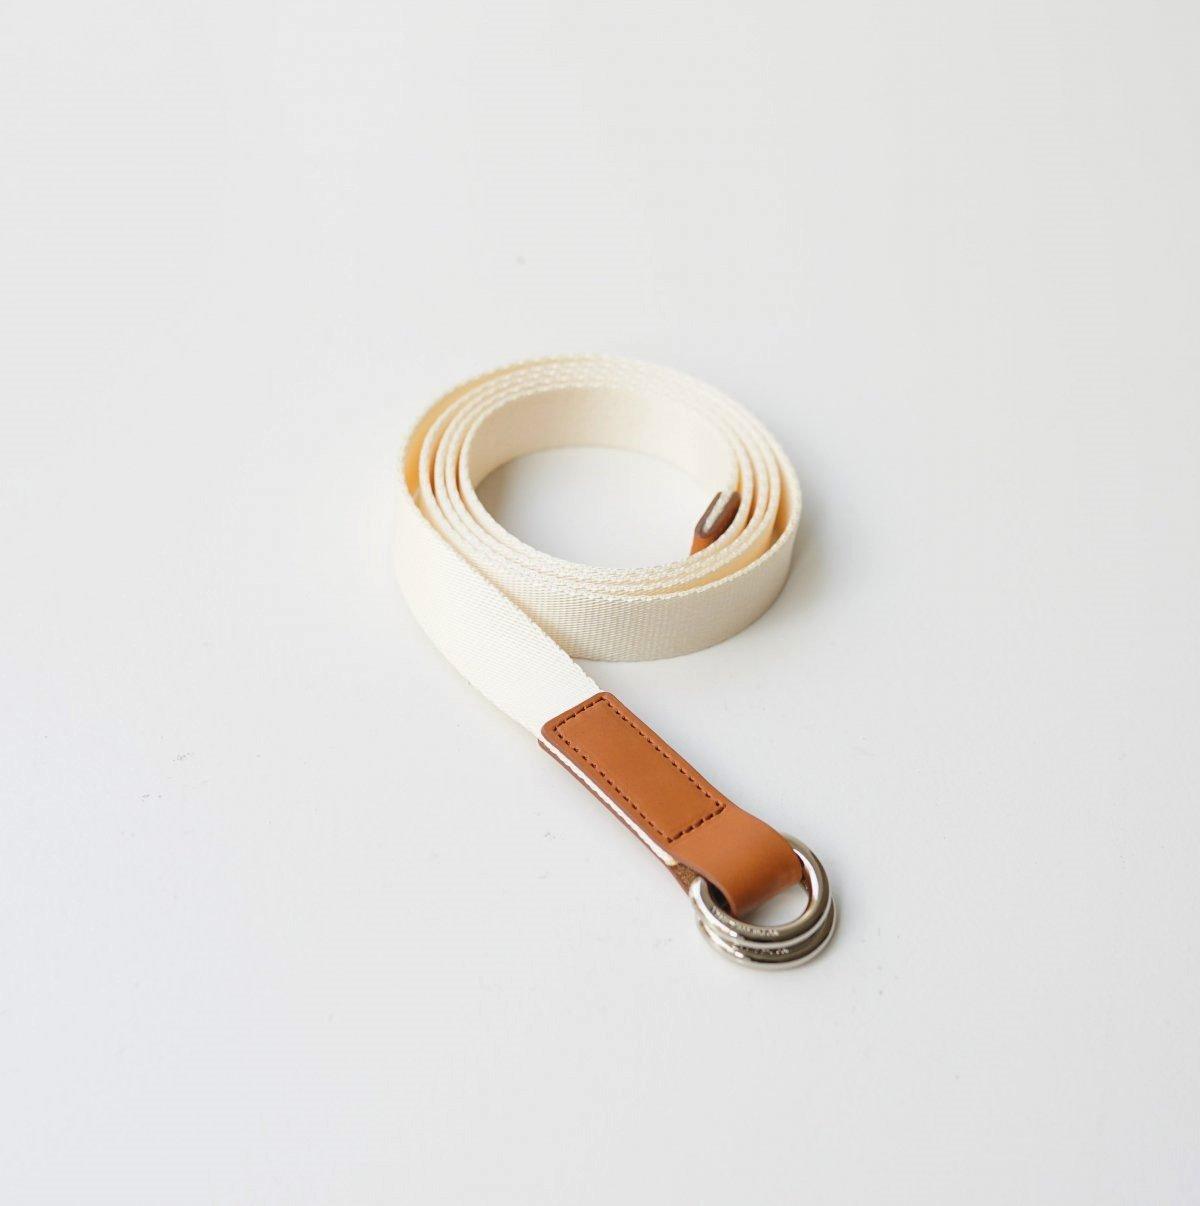 【Scye】SILKY TAPE BELTDOUBLE RING BELT - ECRU